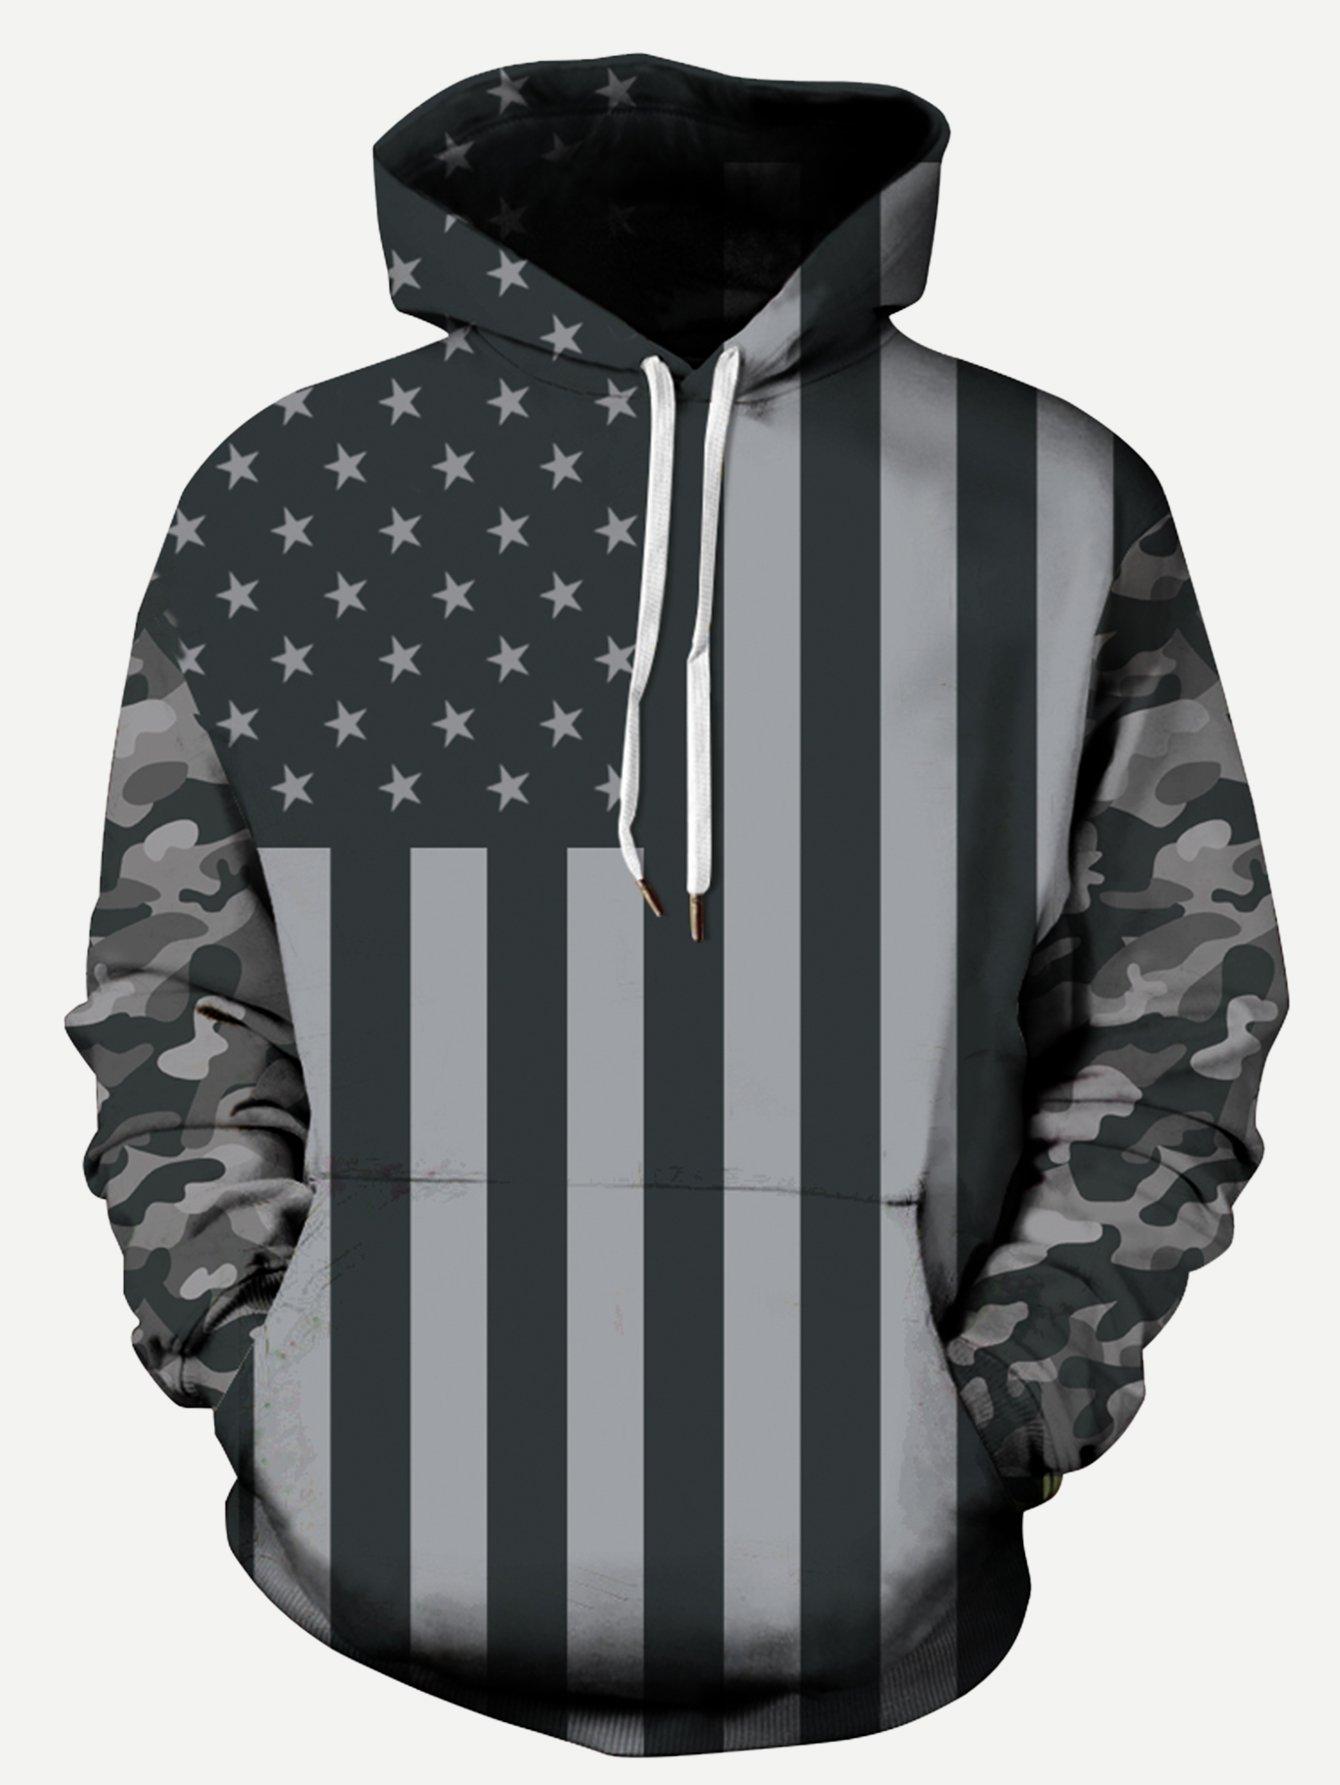 Männer Sweatshirt mit Amerikanische Flagge Muster